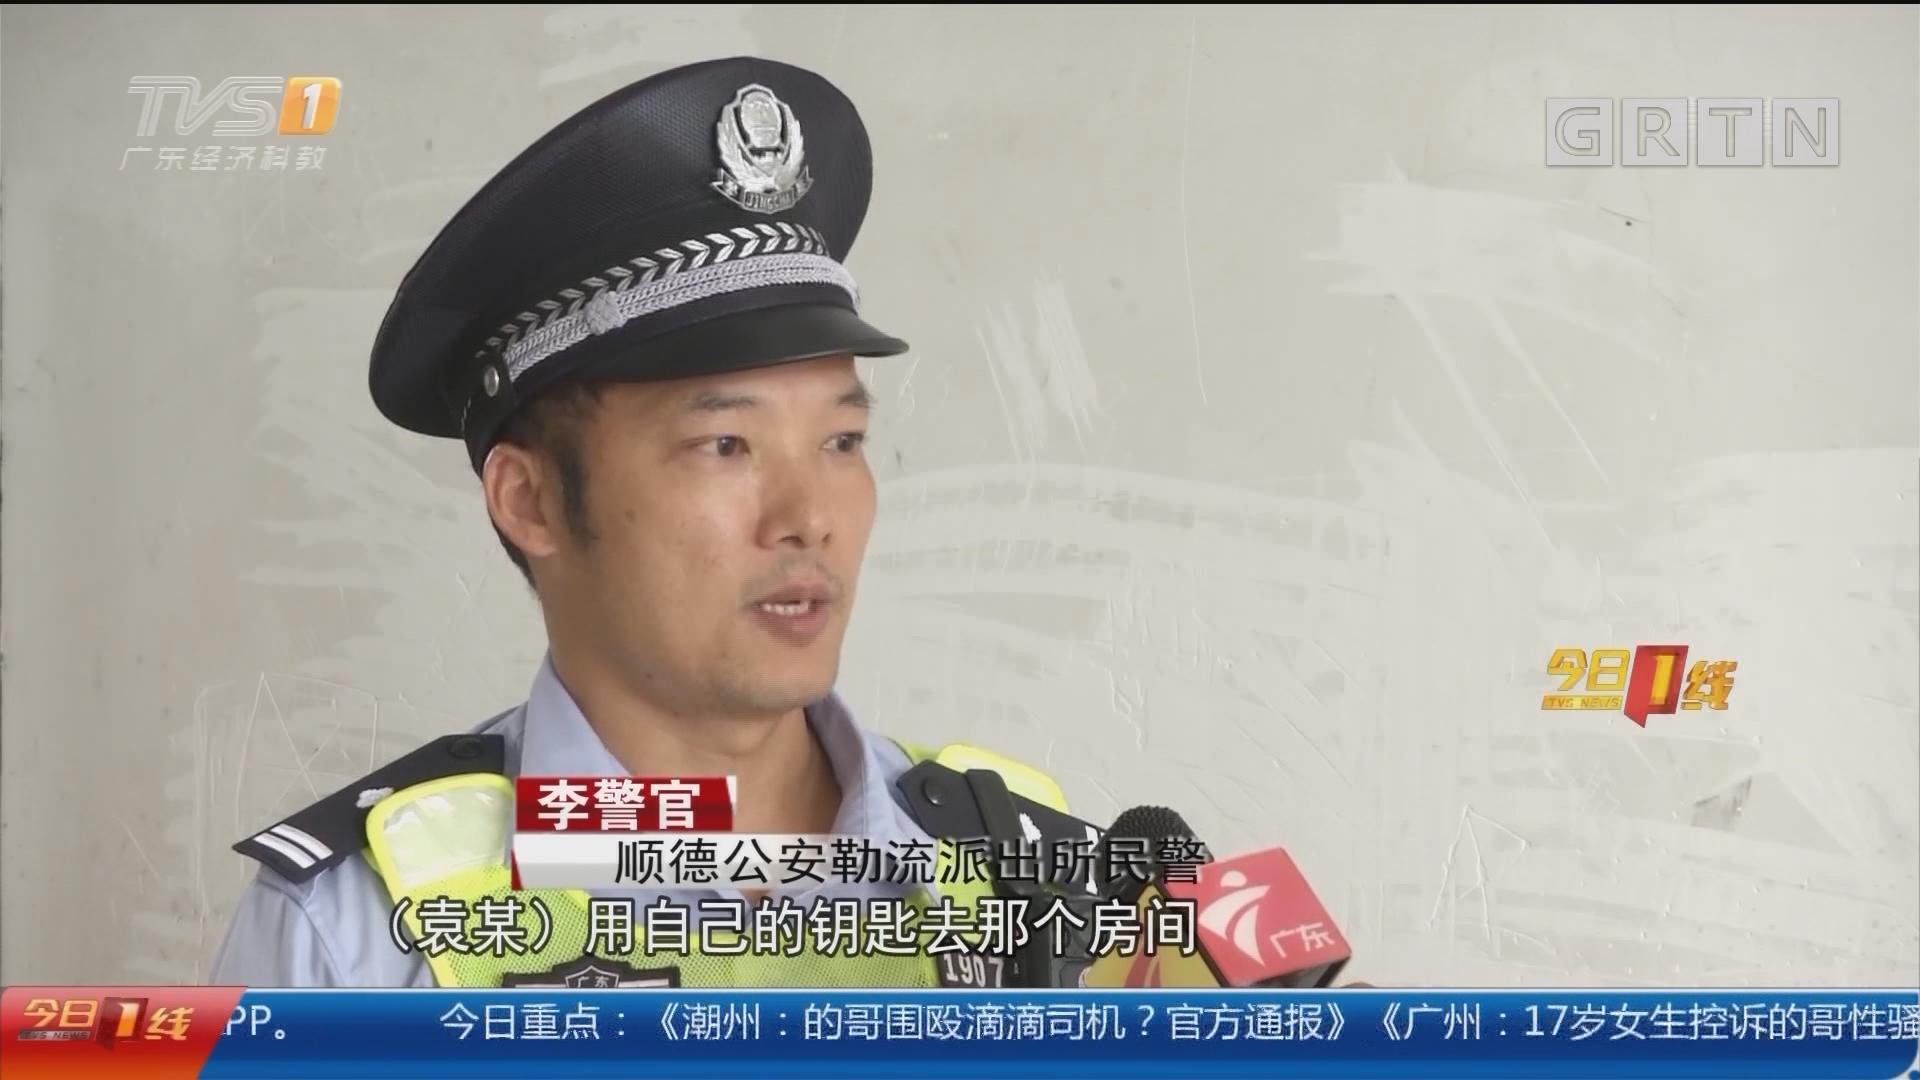 佛山顺德:宿舍财物被盗 警方两小时破案